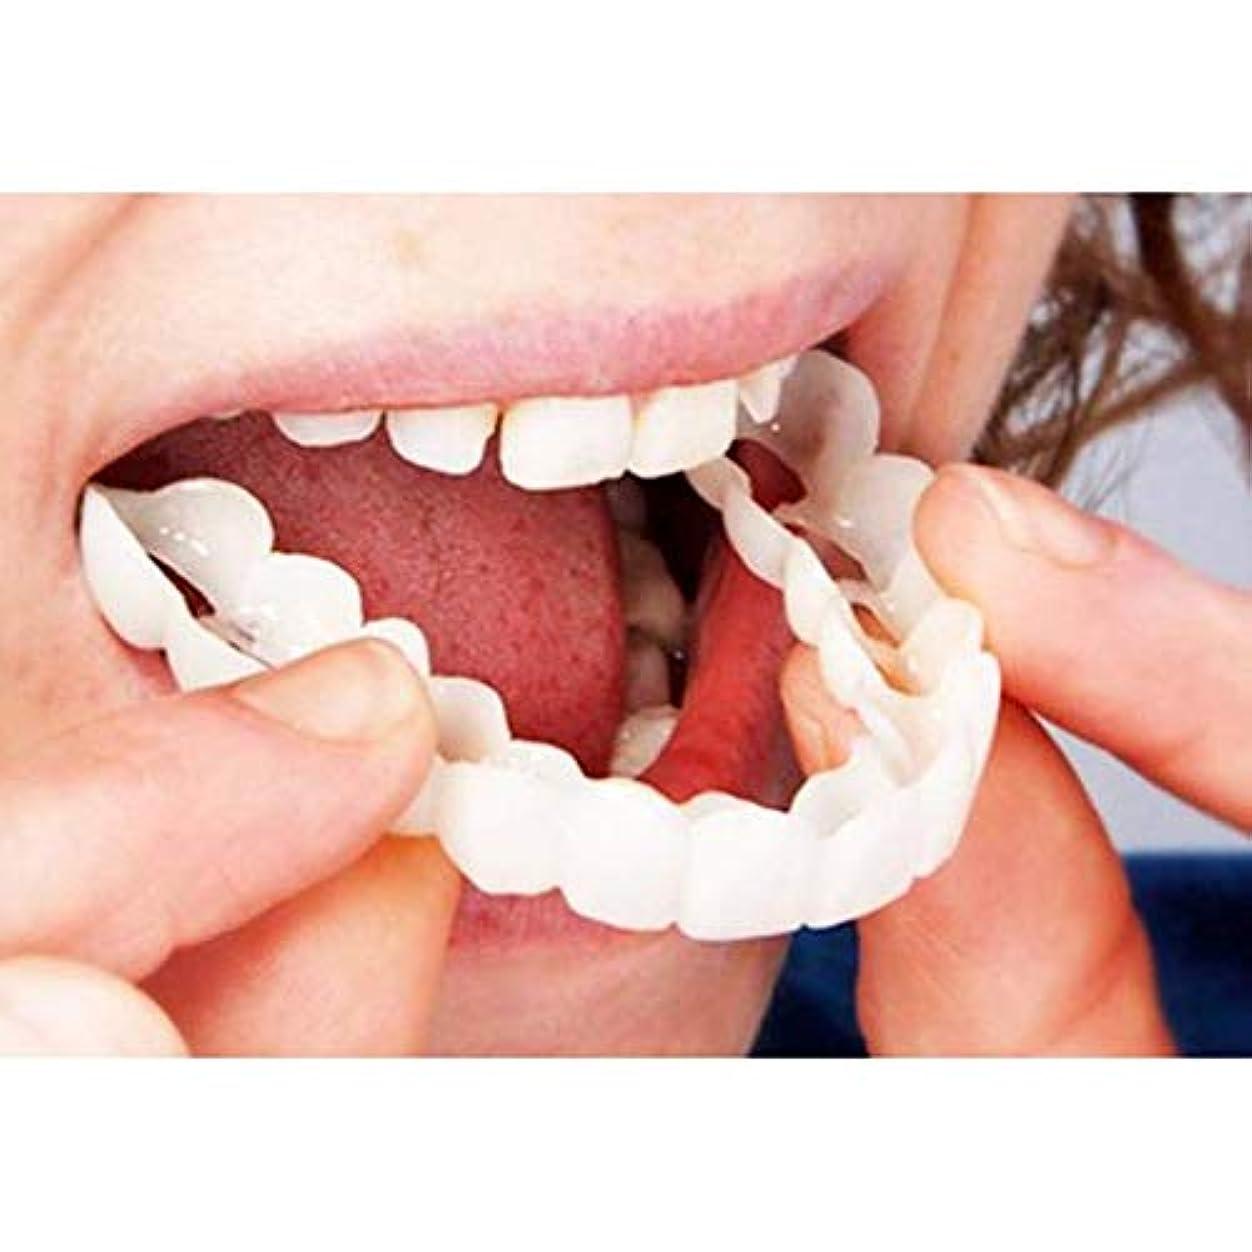 手段ペパーミントアンテナ化粧品の歯、5個スナップインスタントスマイルアッパーベニアコンフォートフィットフレックス化粧品の歯ワンサイズフィット最も快適な義歯